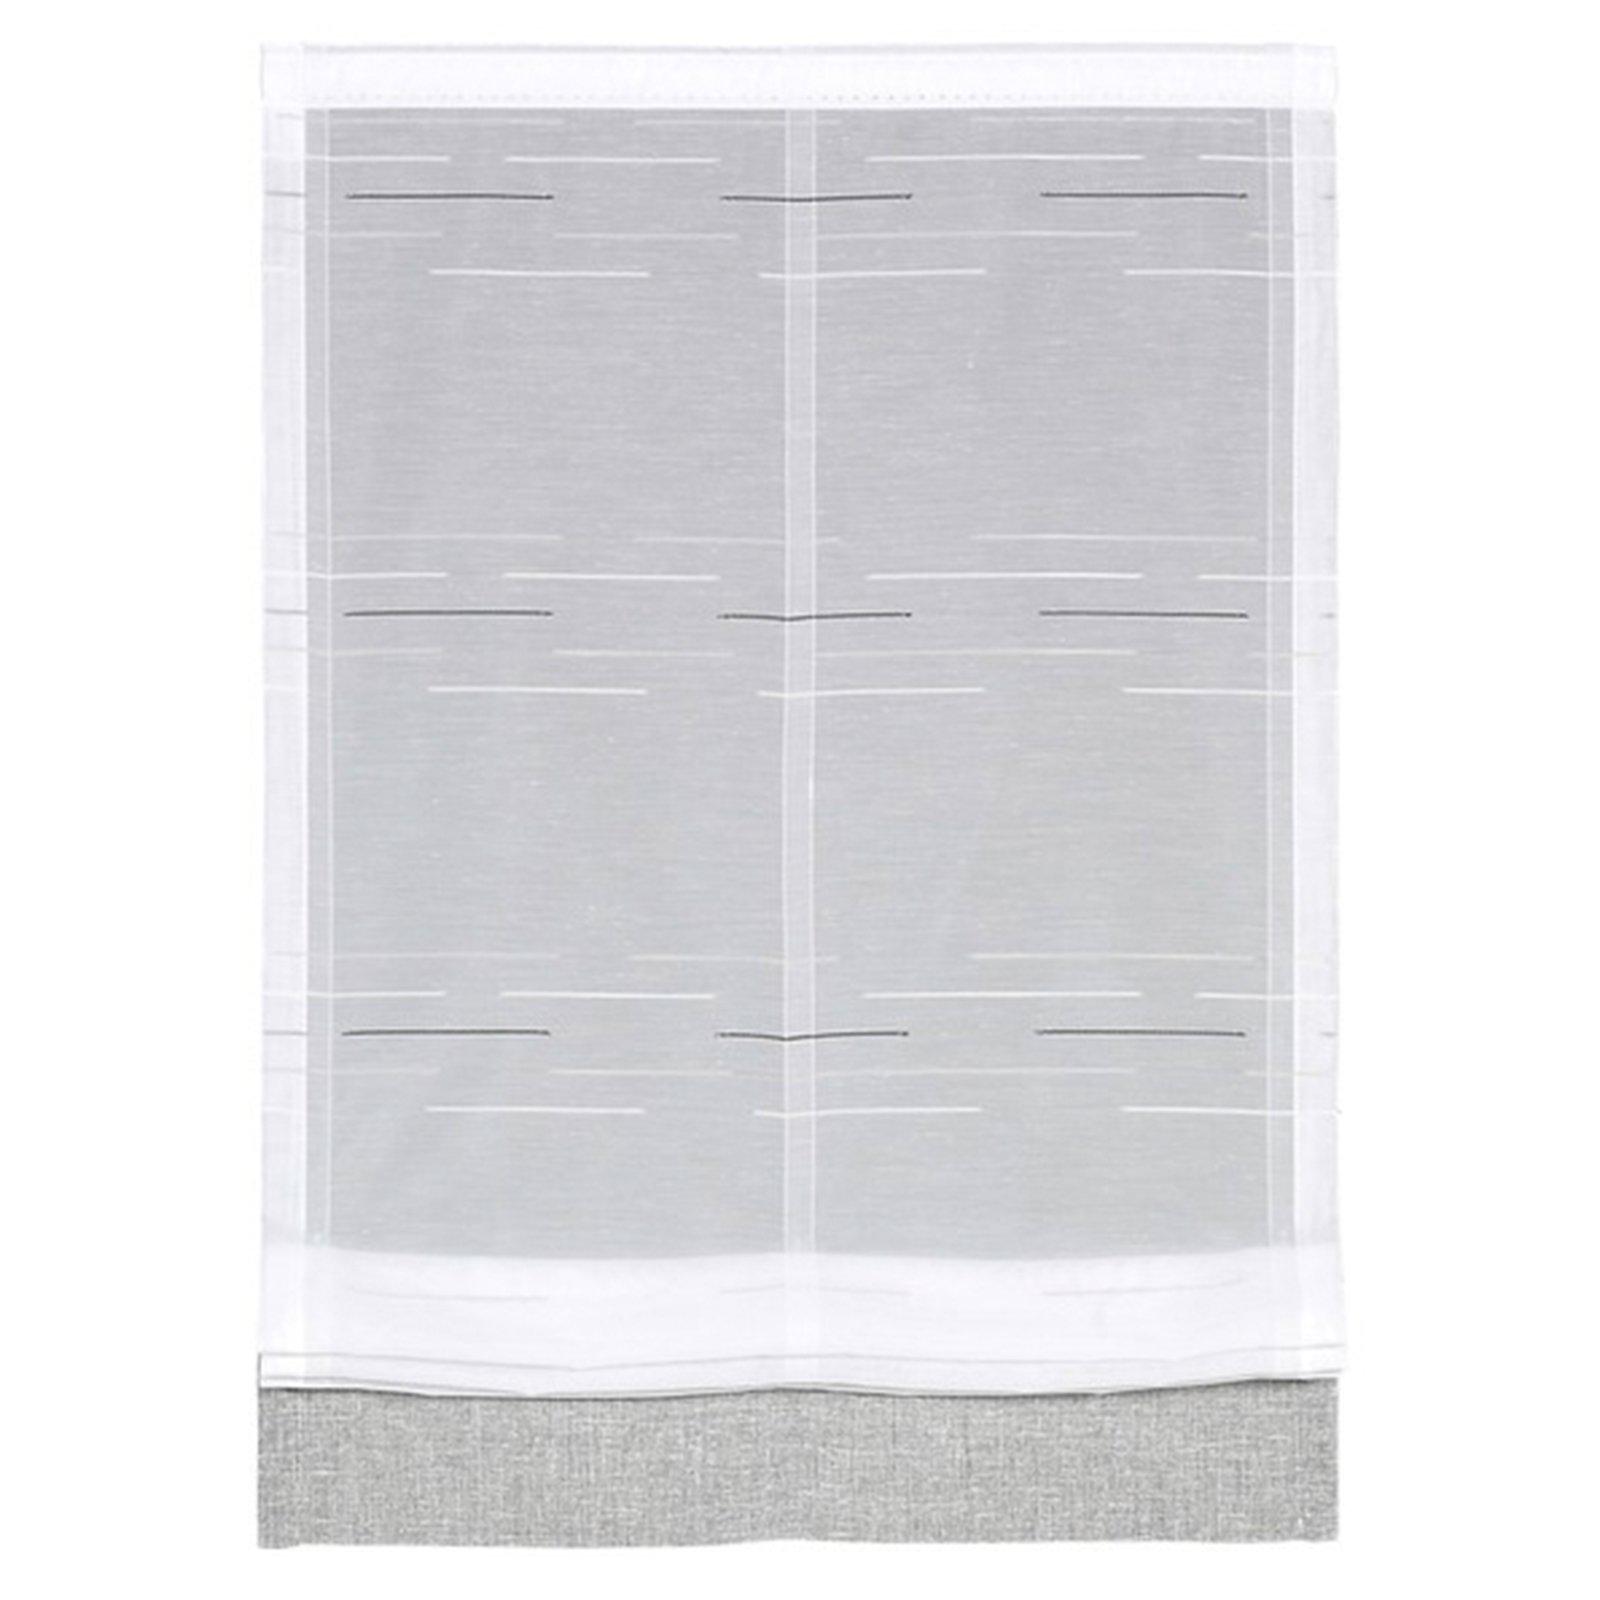 raffrollo wei grau 60x125 cm online bei roller kaufen. Black Bedroom Furniture Sets. Home Design Ideas